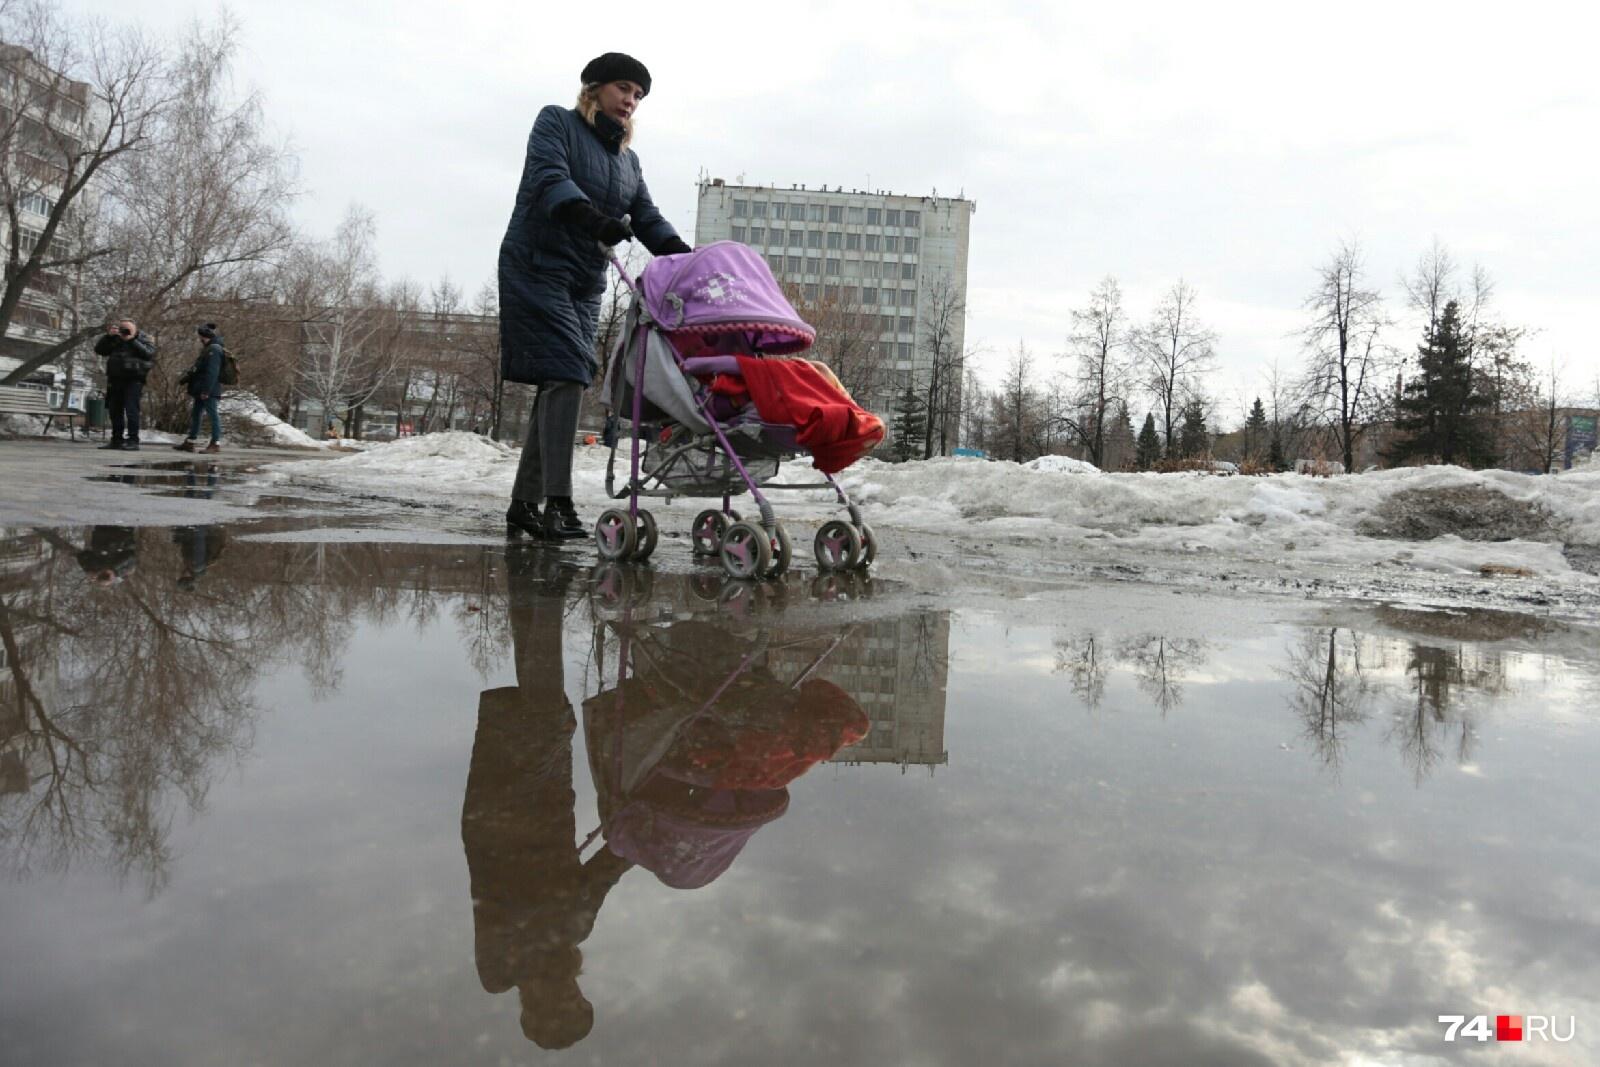 Пока челябинкам с детьми в колясках приходится едва ли не плавать в сквере на пересечении Красного Урала и Комсомольского проспекта